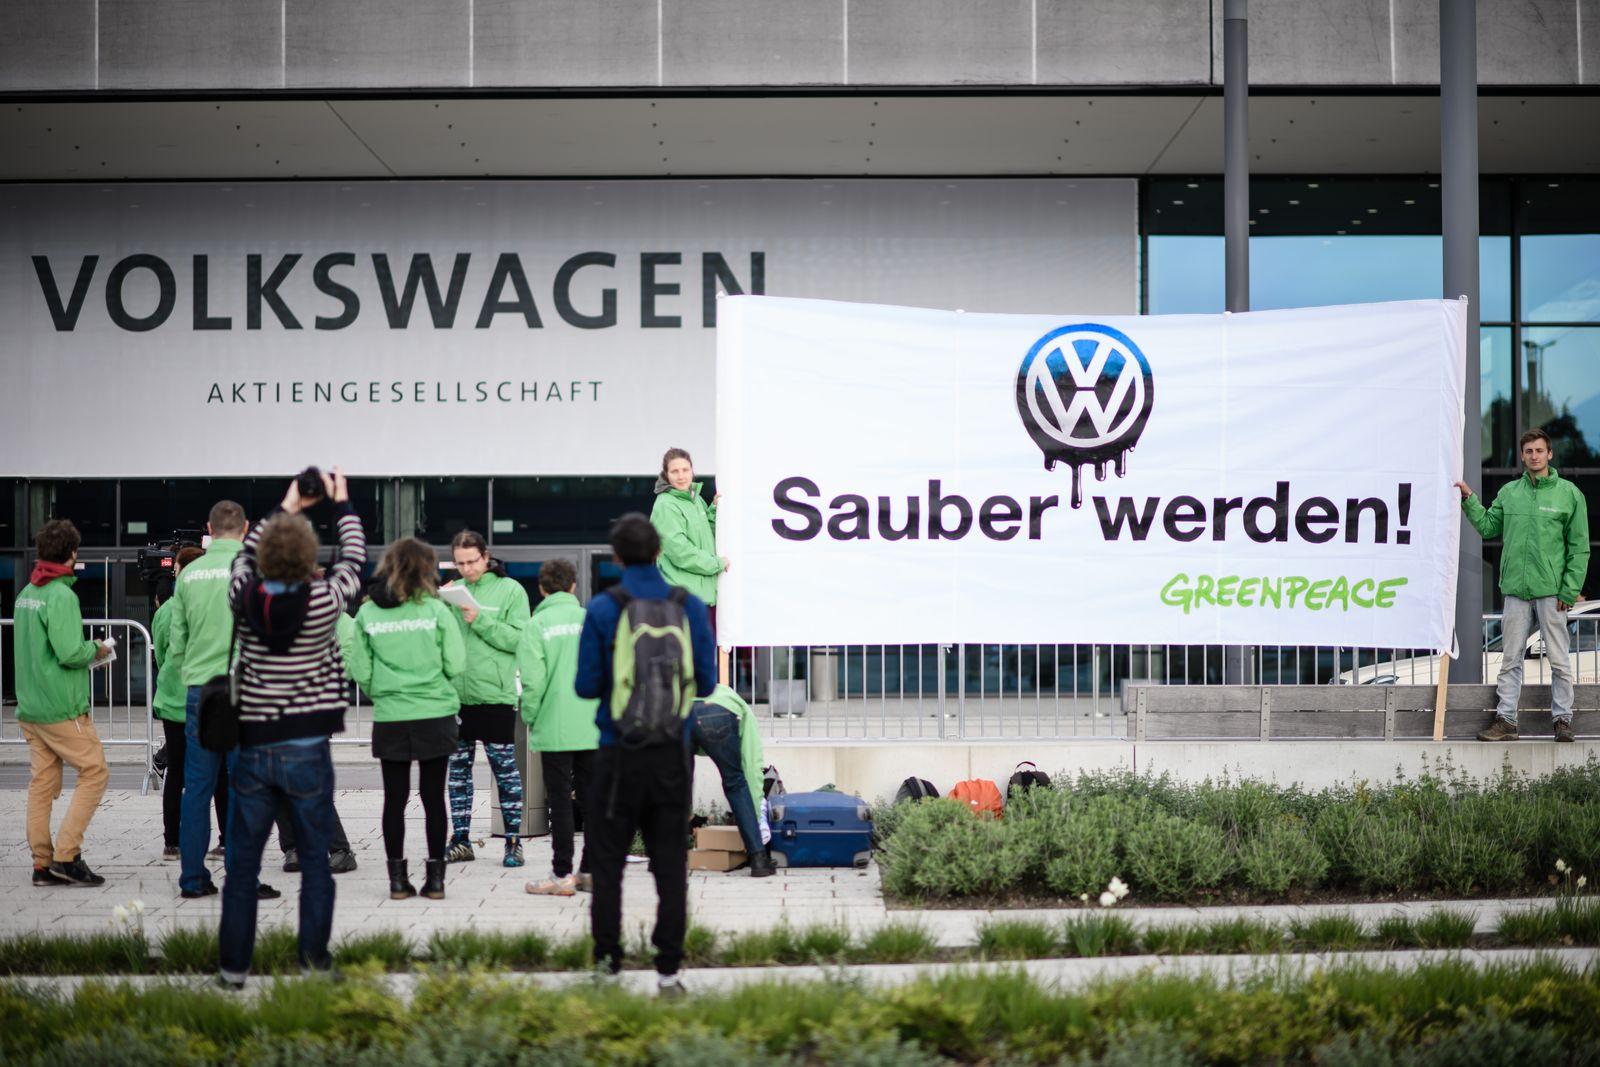 VW Diesel / Sauber werden